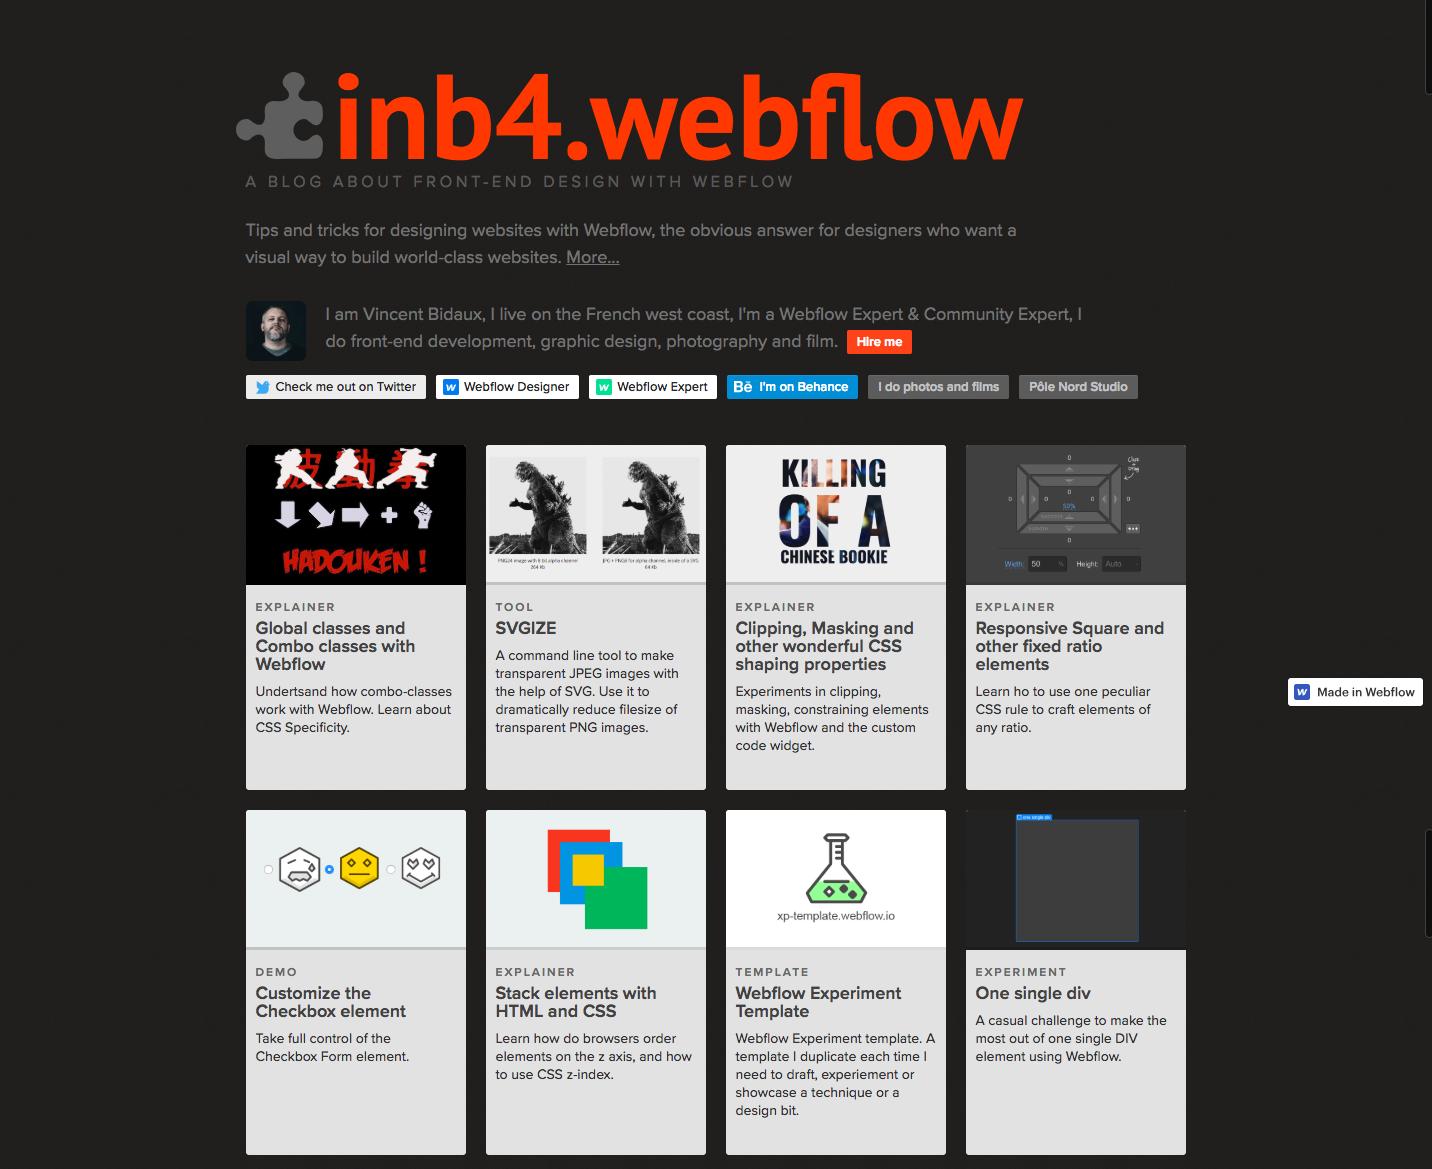 inb4 blog landing page.